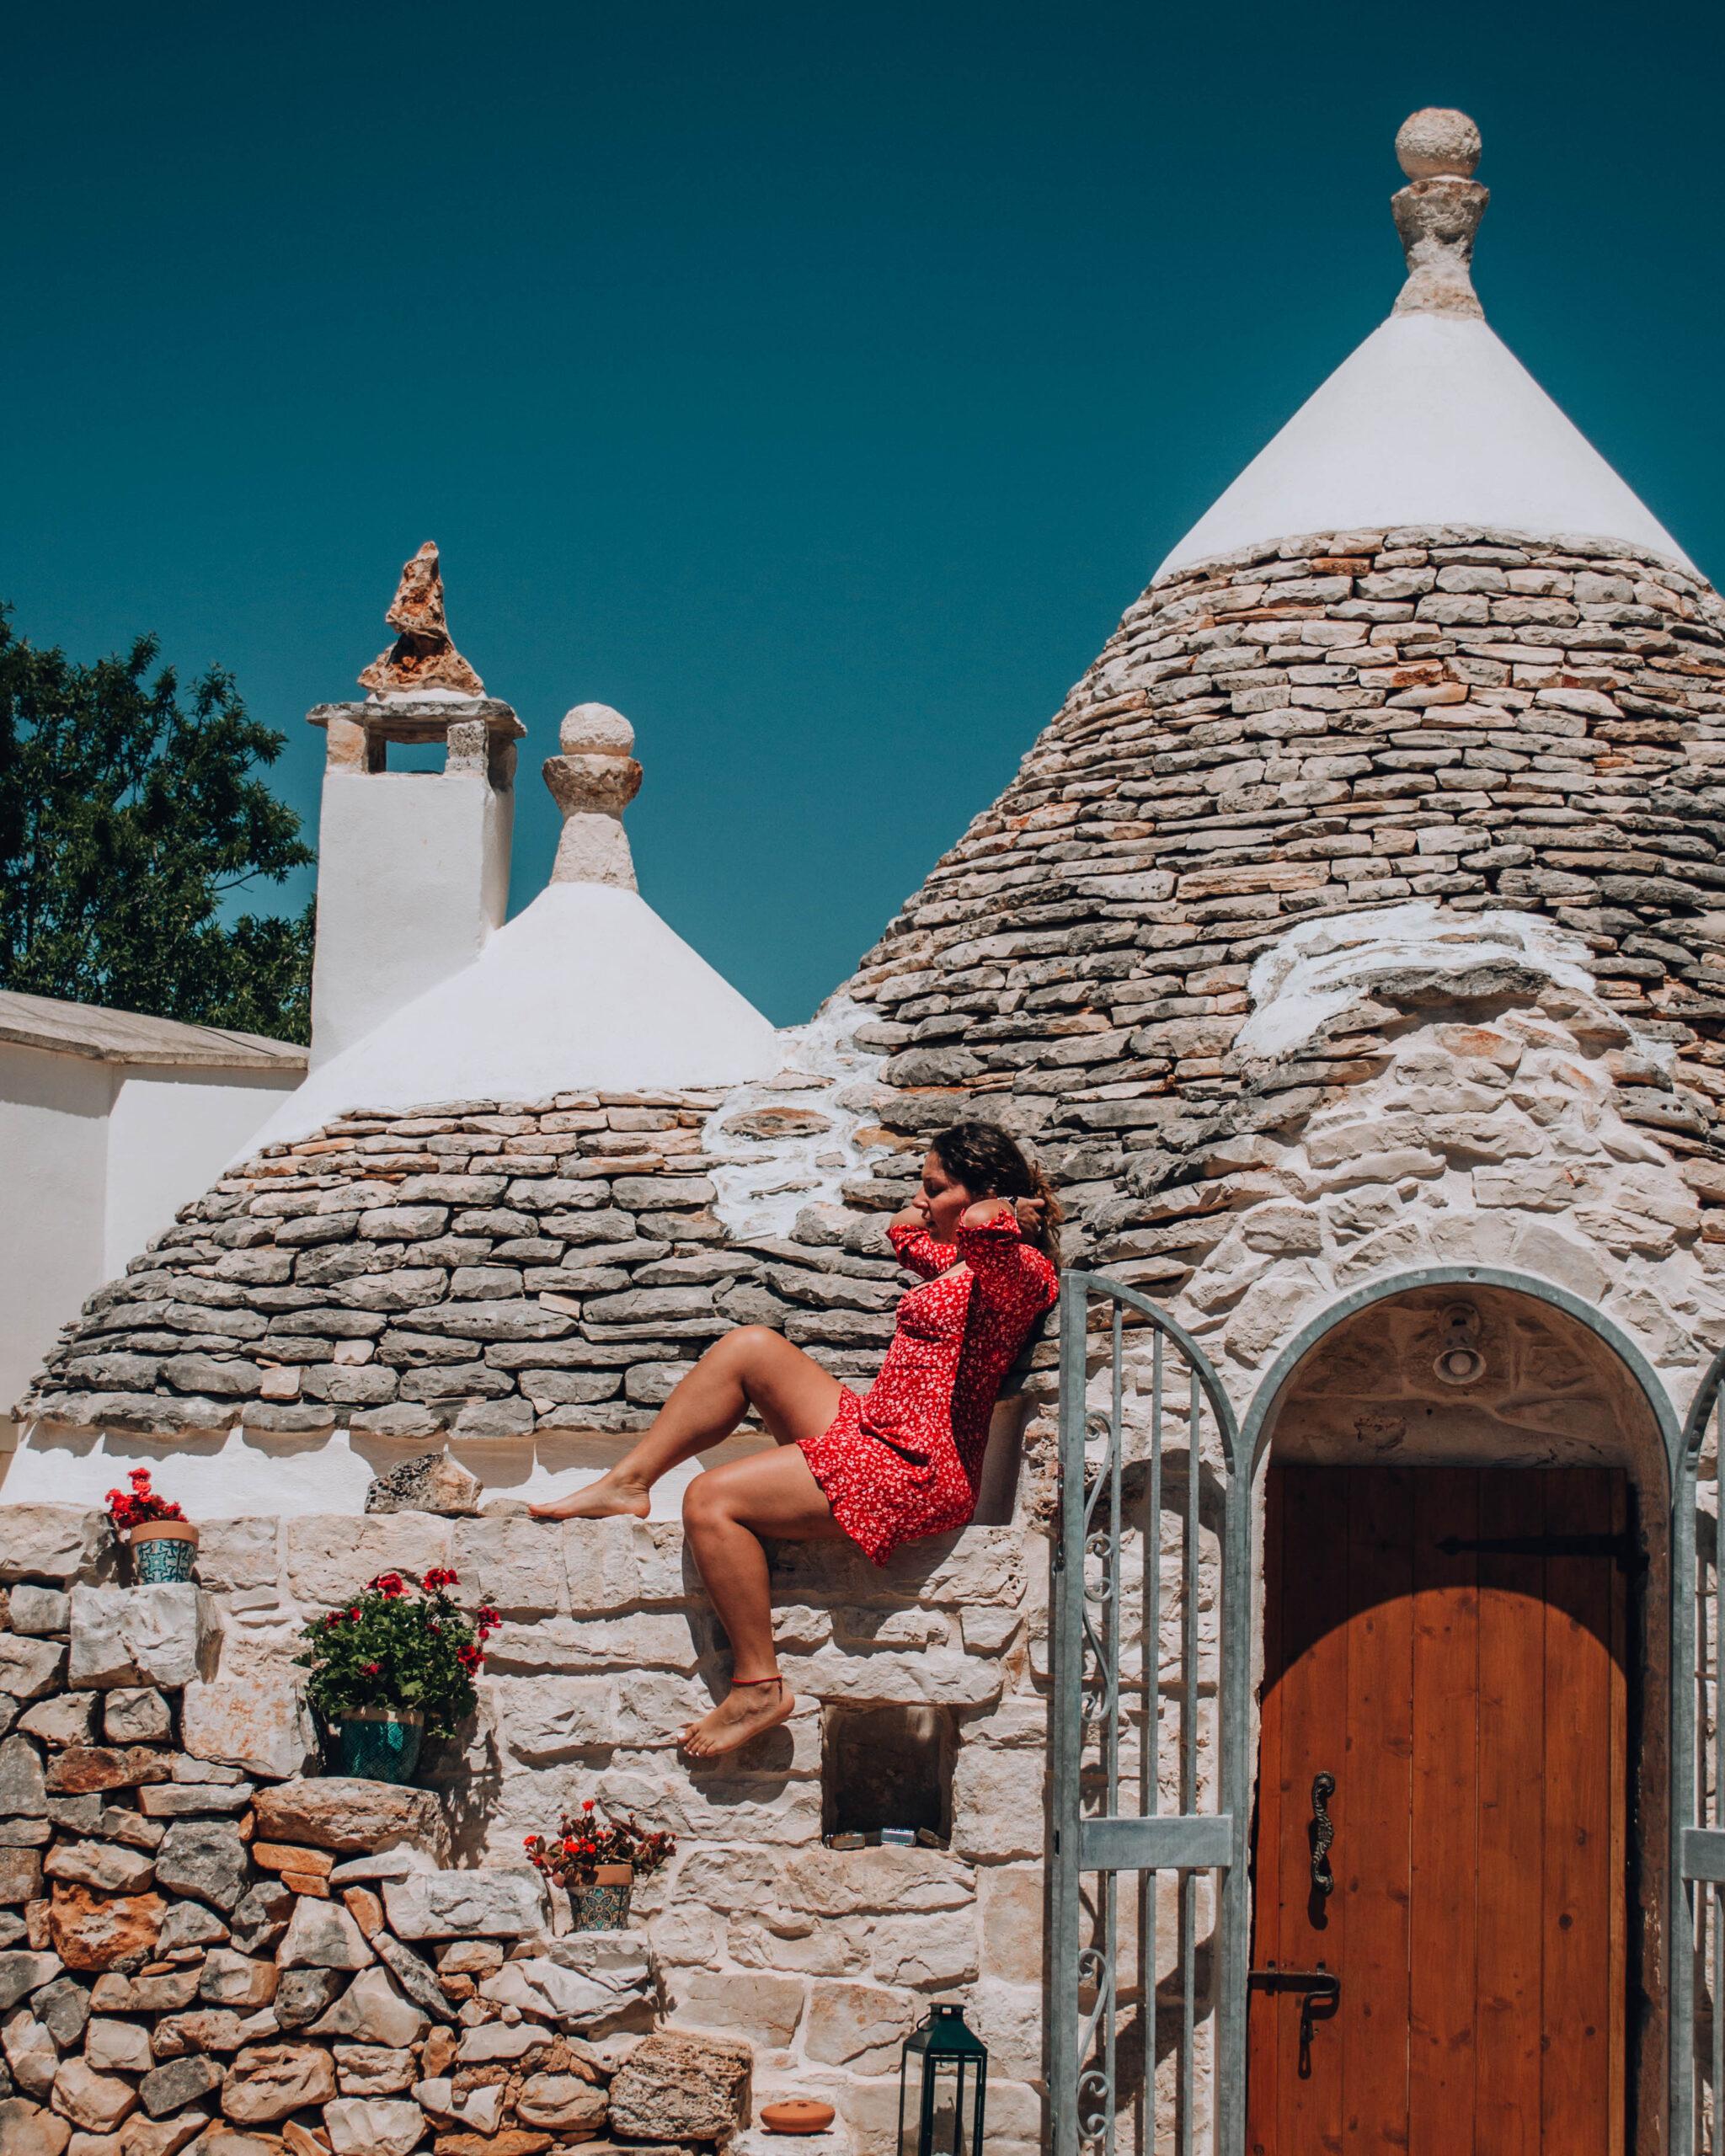 ragazza con vestito rosso sul tetto di un trullo